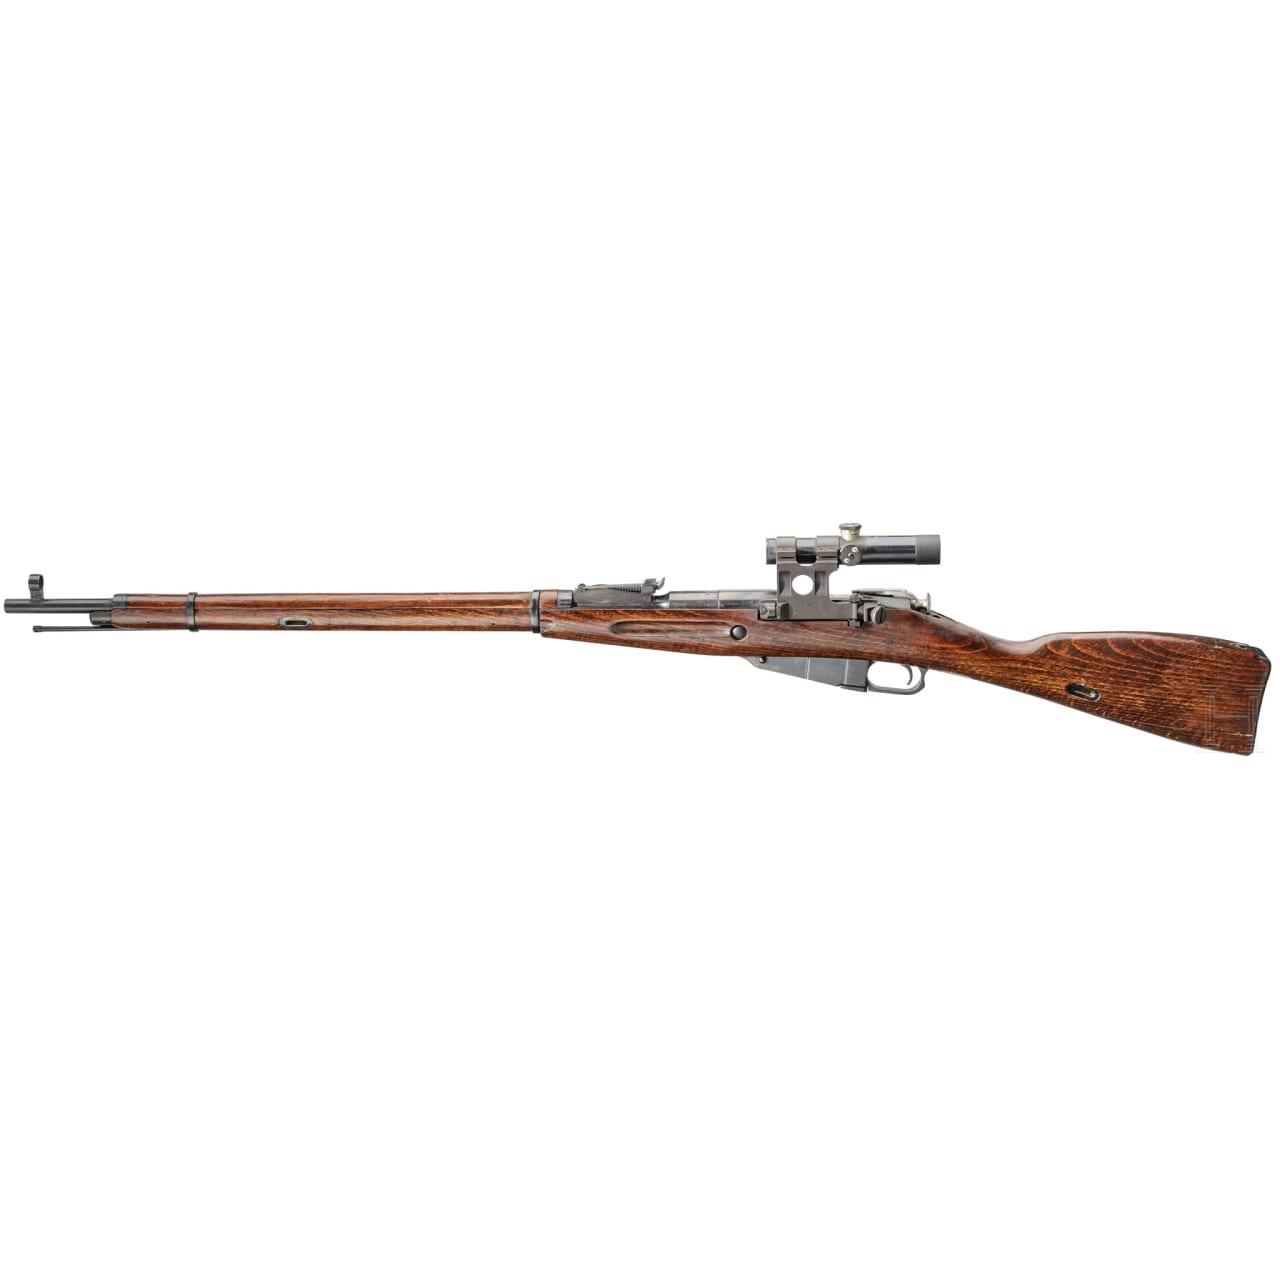 A Sniper Rifle Mosin-Nagant Mod. 1891/30, with original PU-scope